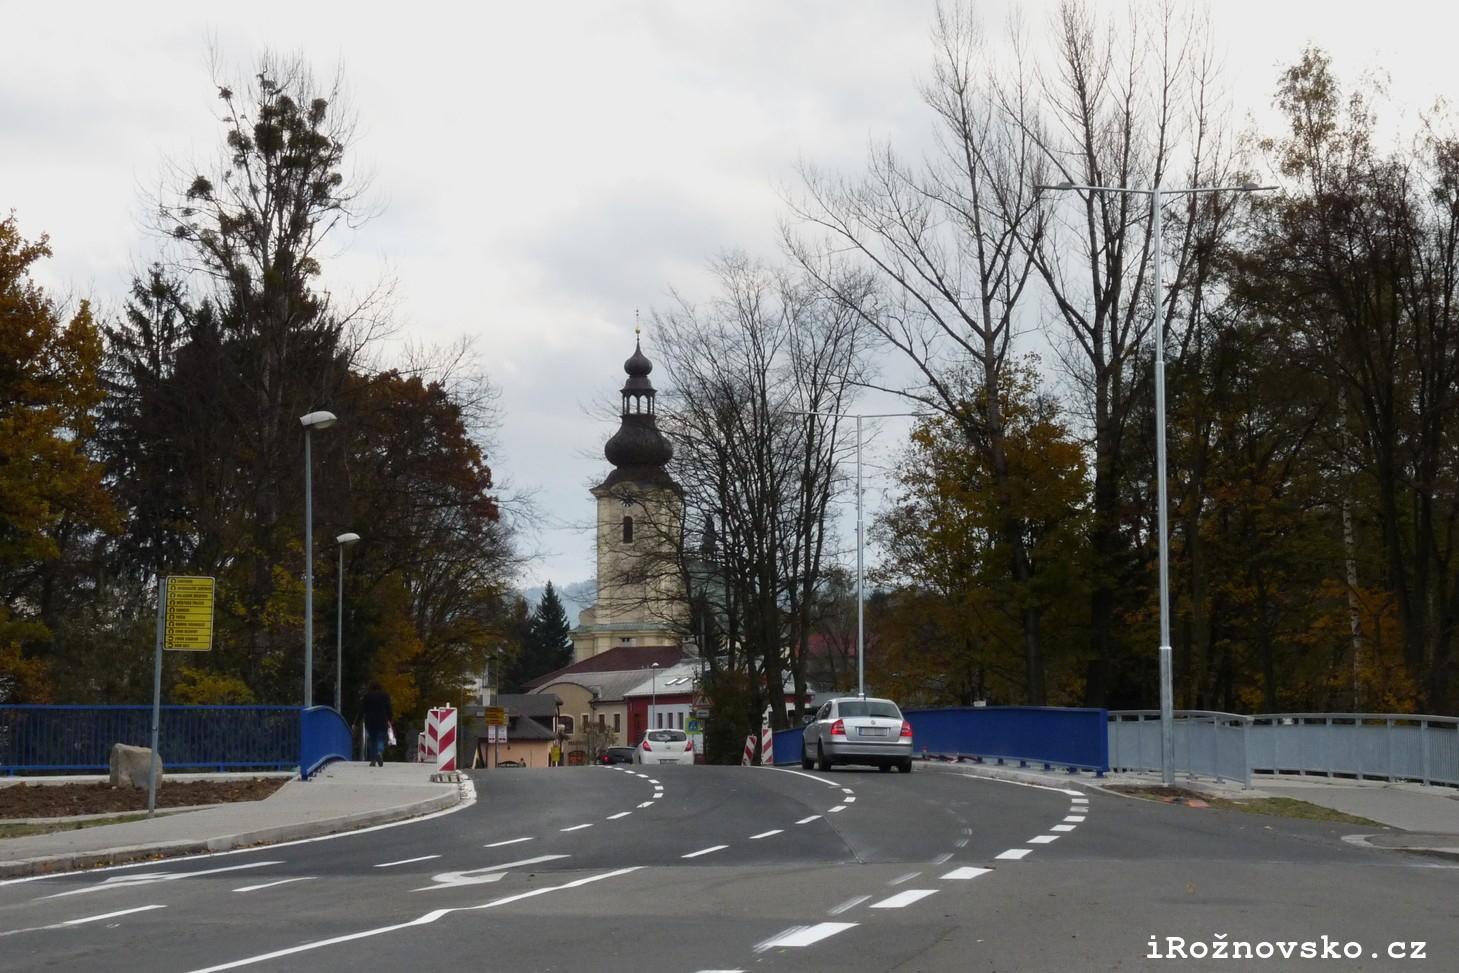 Nově zrekonstuovaný most do centra Rožnova je konečně v provozu